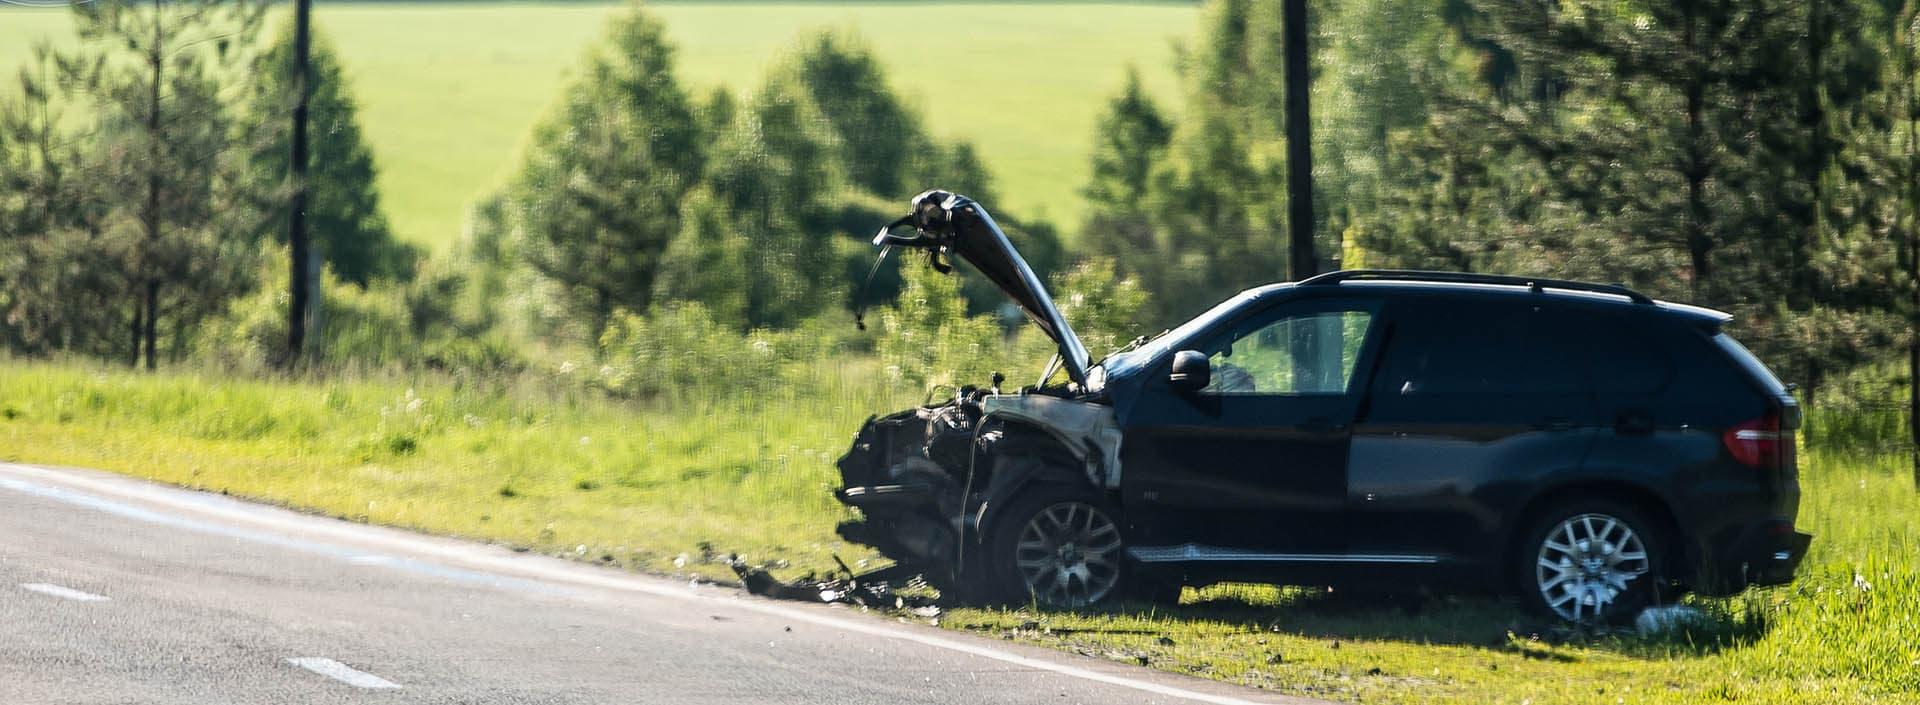 PaulaCar - Rozbite auto na poboczu